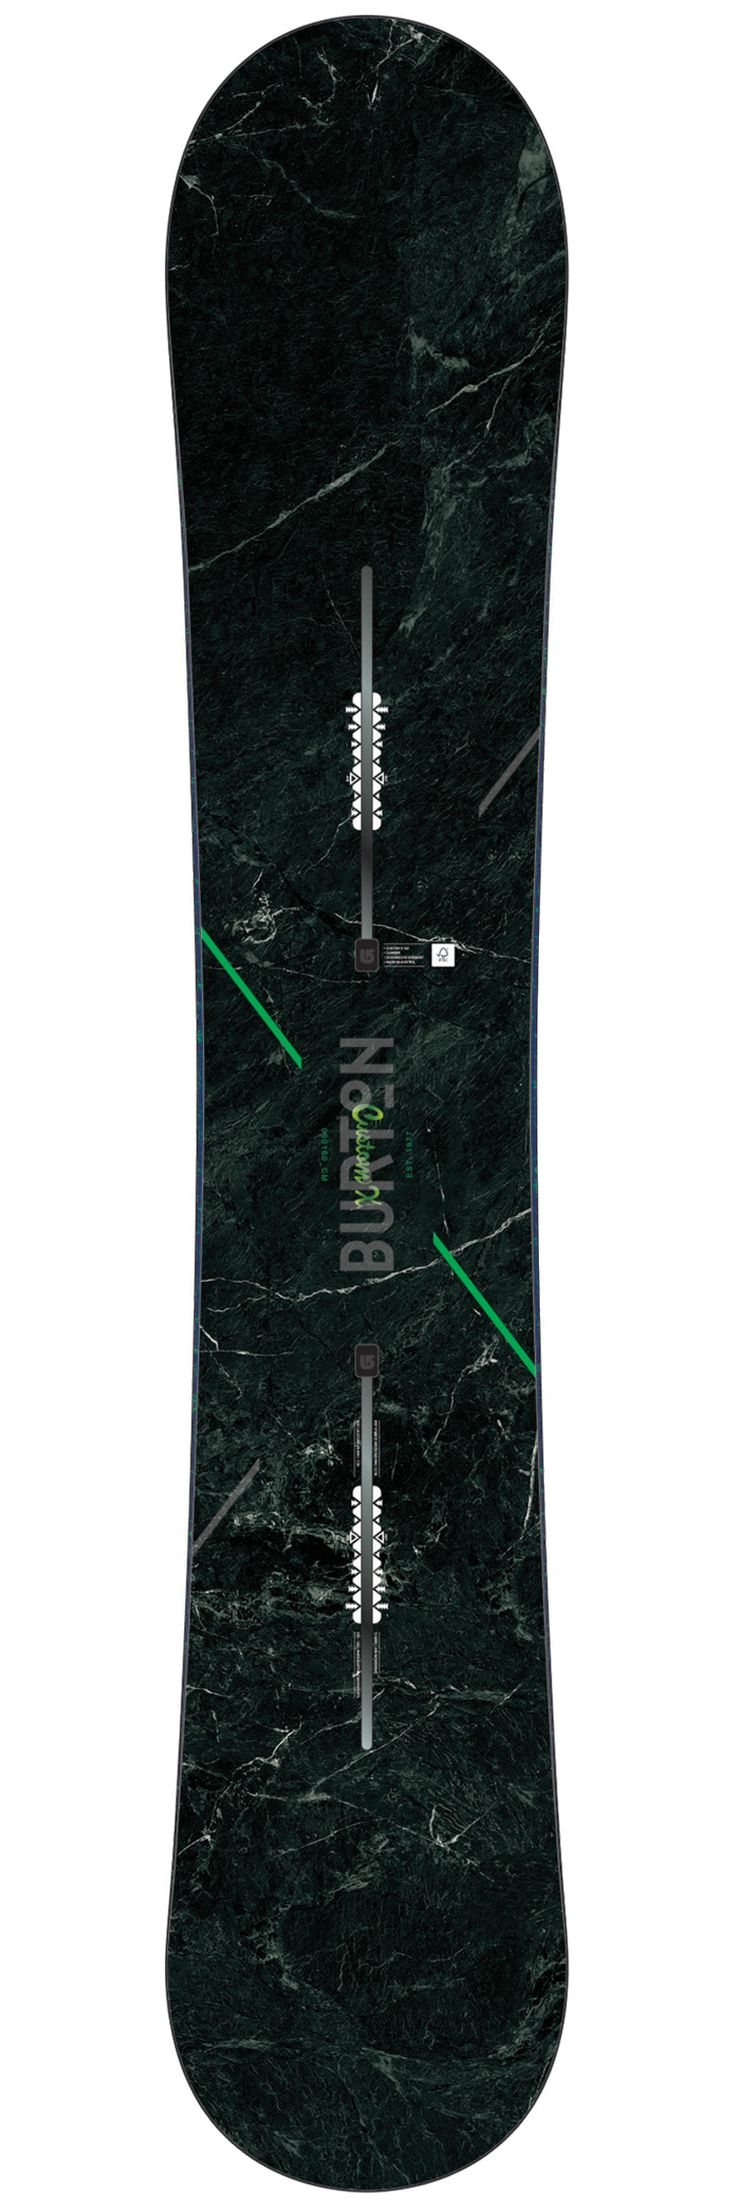 Snowboard Burton Custom X 2017 Ihr Snowboardausrüstung ist auf www.glisshop.de verfügbar #snowboard #burton #winteryourlife #herren